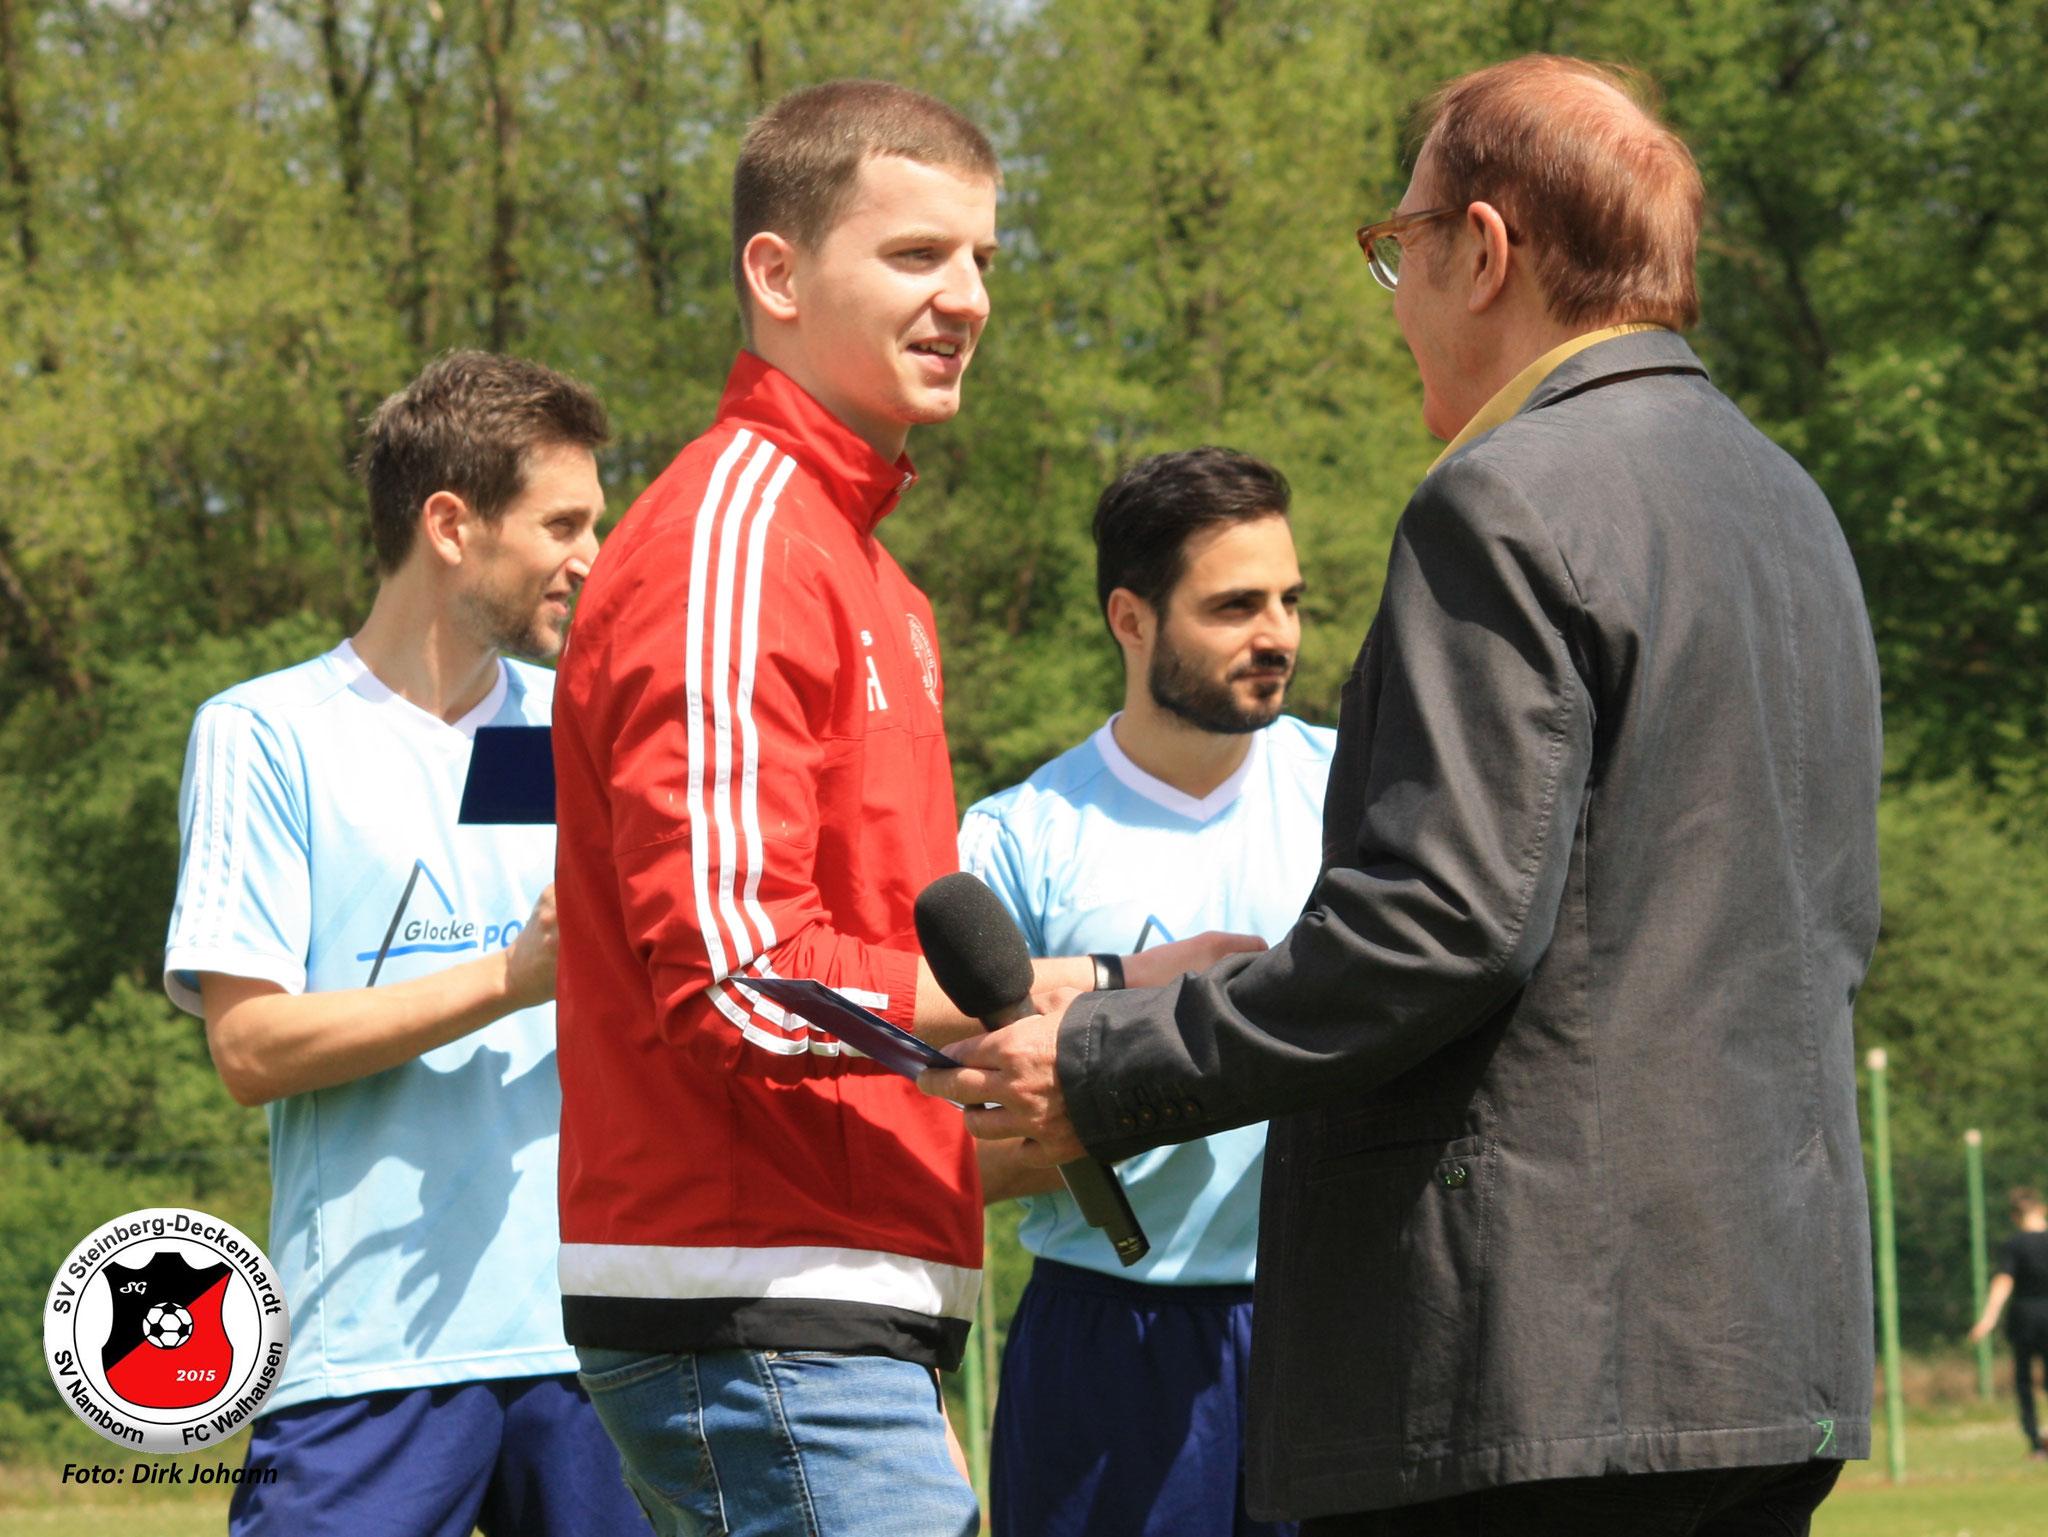 Niko Holzer muß verletzungsbedingt seine Karriere beenden - DANKE für Deine Zeit bei Rot-Weiss und SGNSW